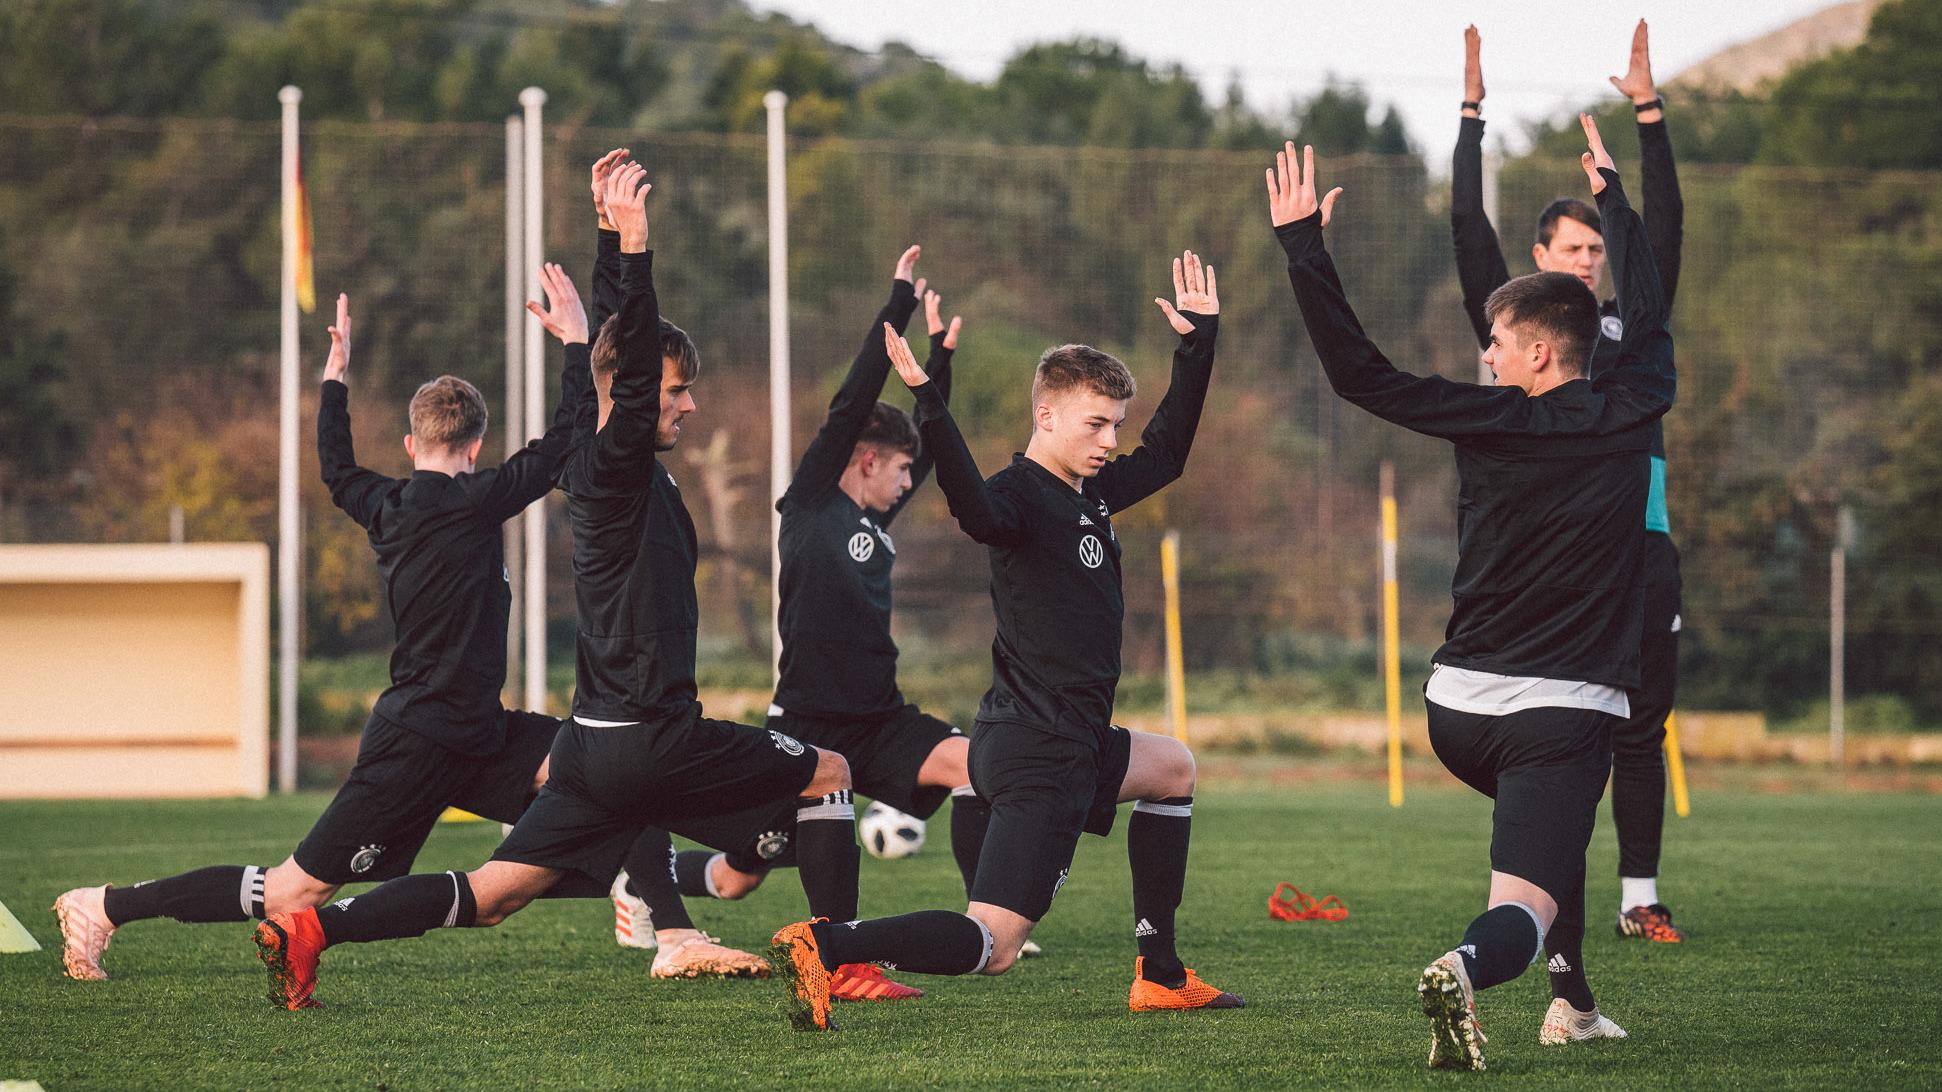 U-Nationalspieler machen Ausfallschritte zum Aufwärmen vor einer Trainingseinheit. ©2018 Philipp Reinhard